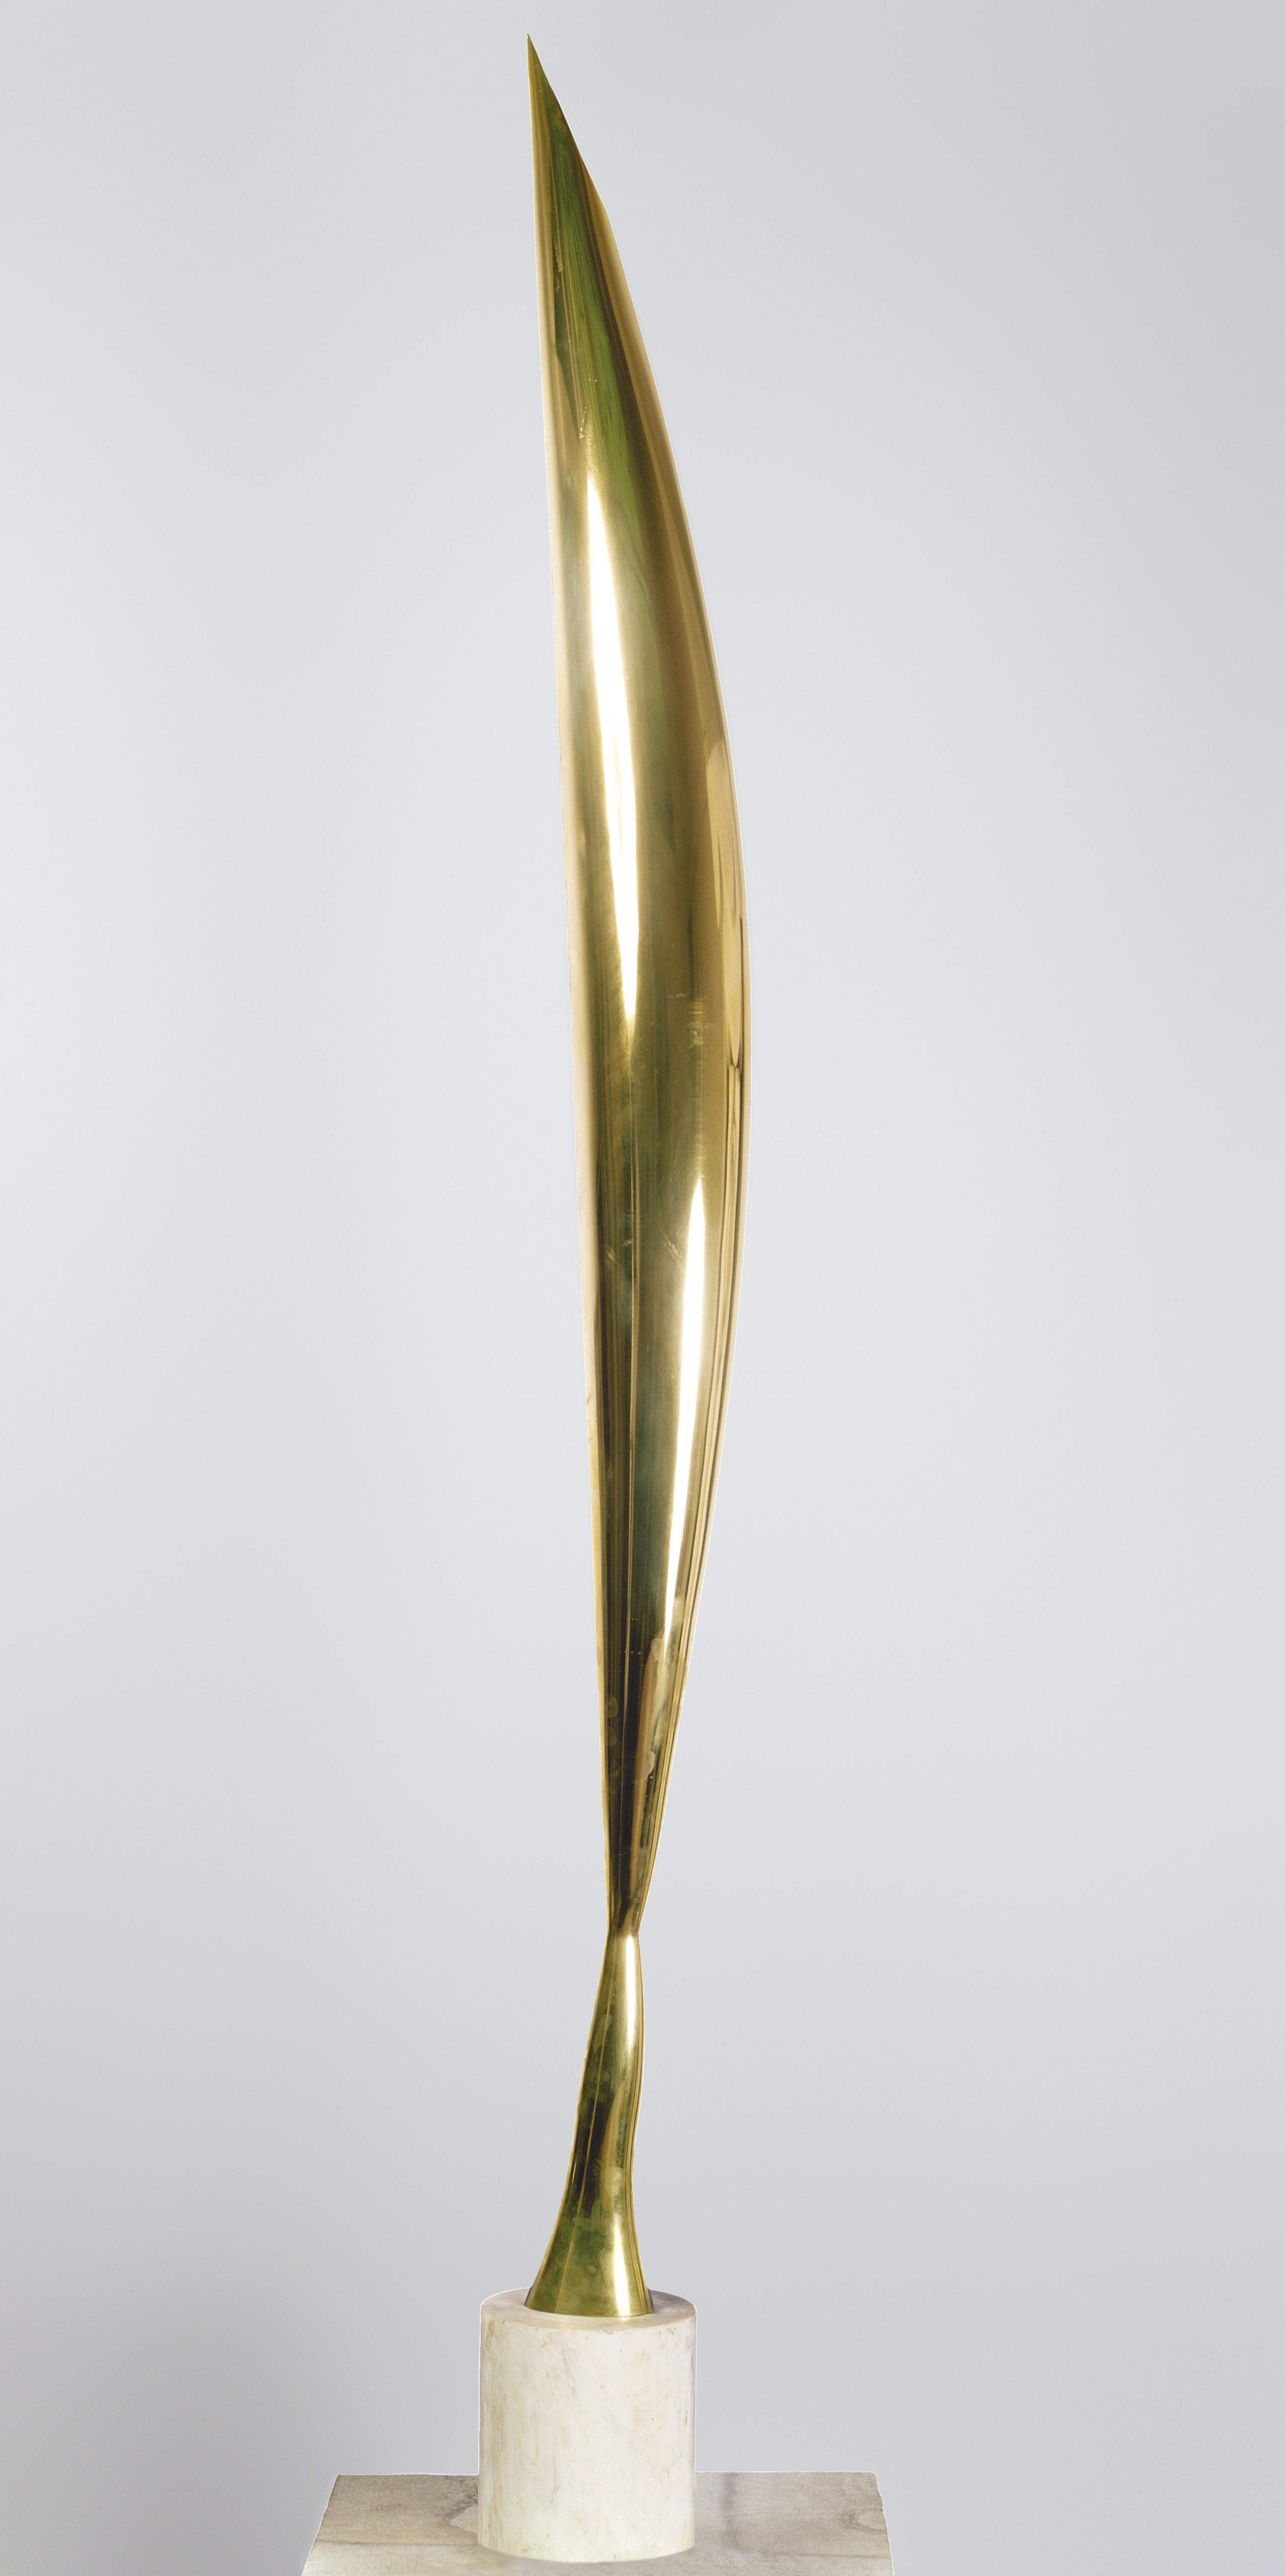 Constantin Brancusi, L'Oiseau dans l'espace, 1924, bronze poli, musée d'art de Philadelphie, États-Unis.